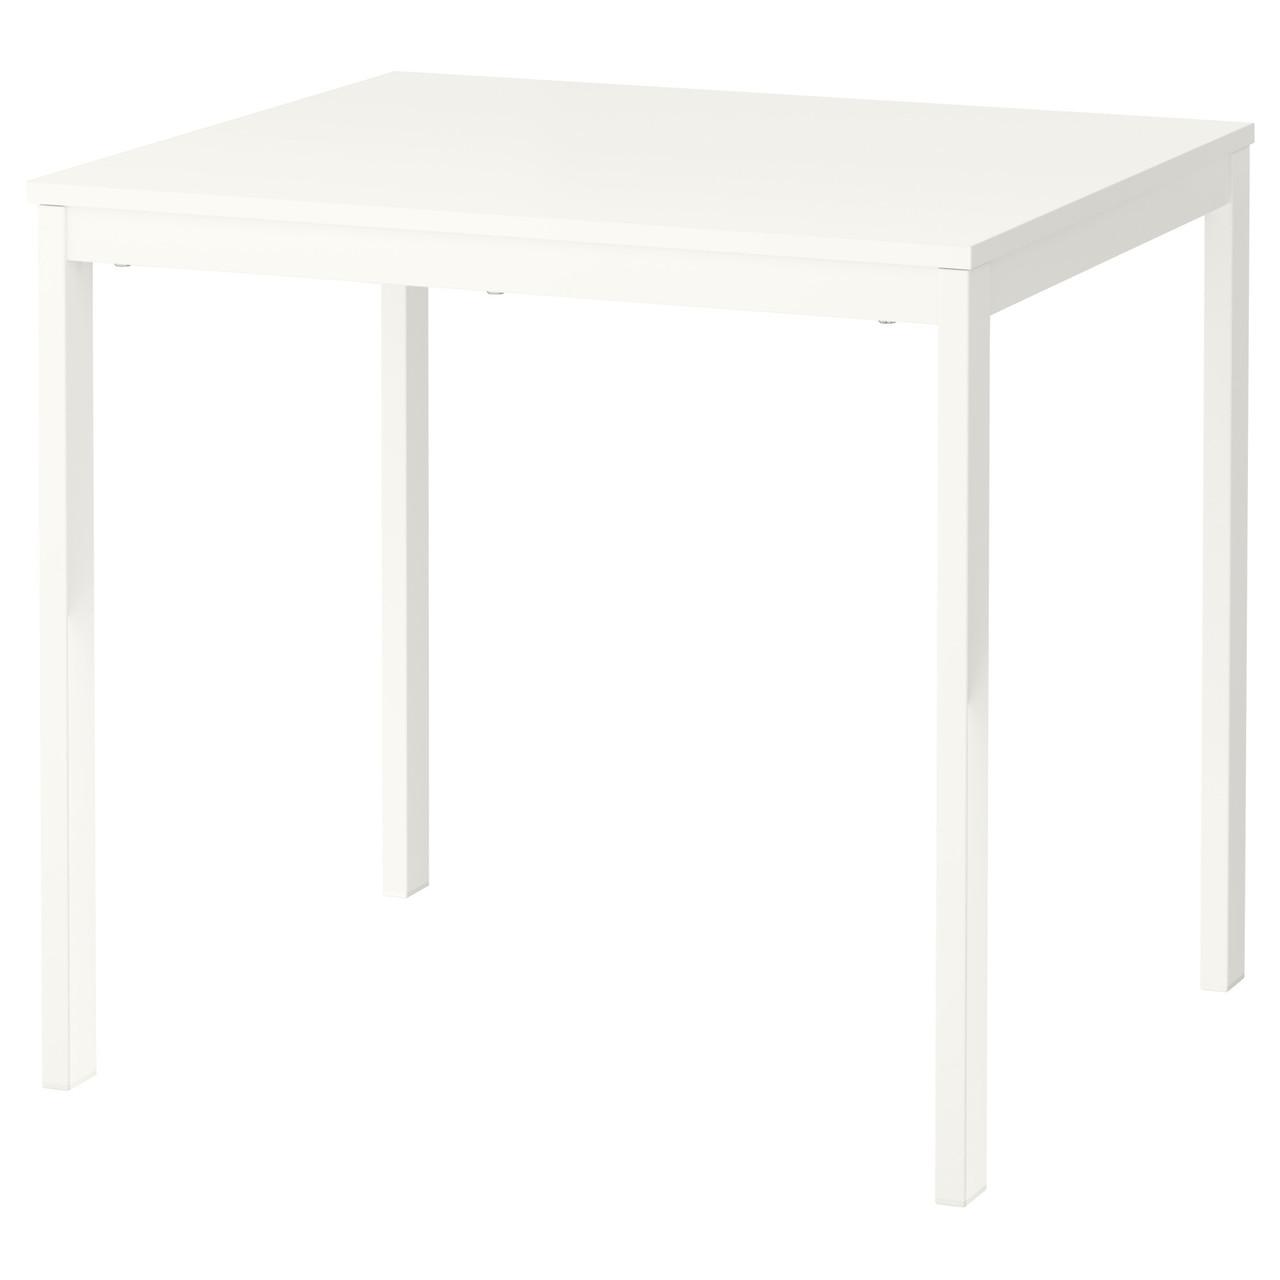 ВАНГСТА Раздвижной стол, белый, 80/120x70 см 00375126  ИКЕА, IKEA, VANGSTA